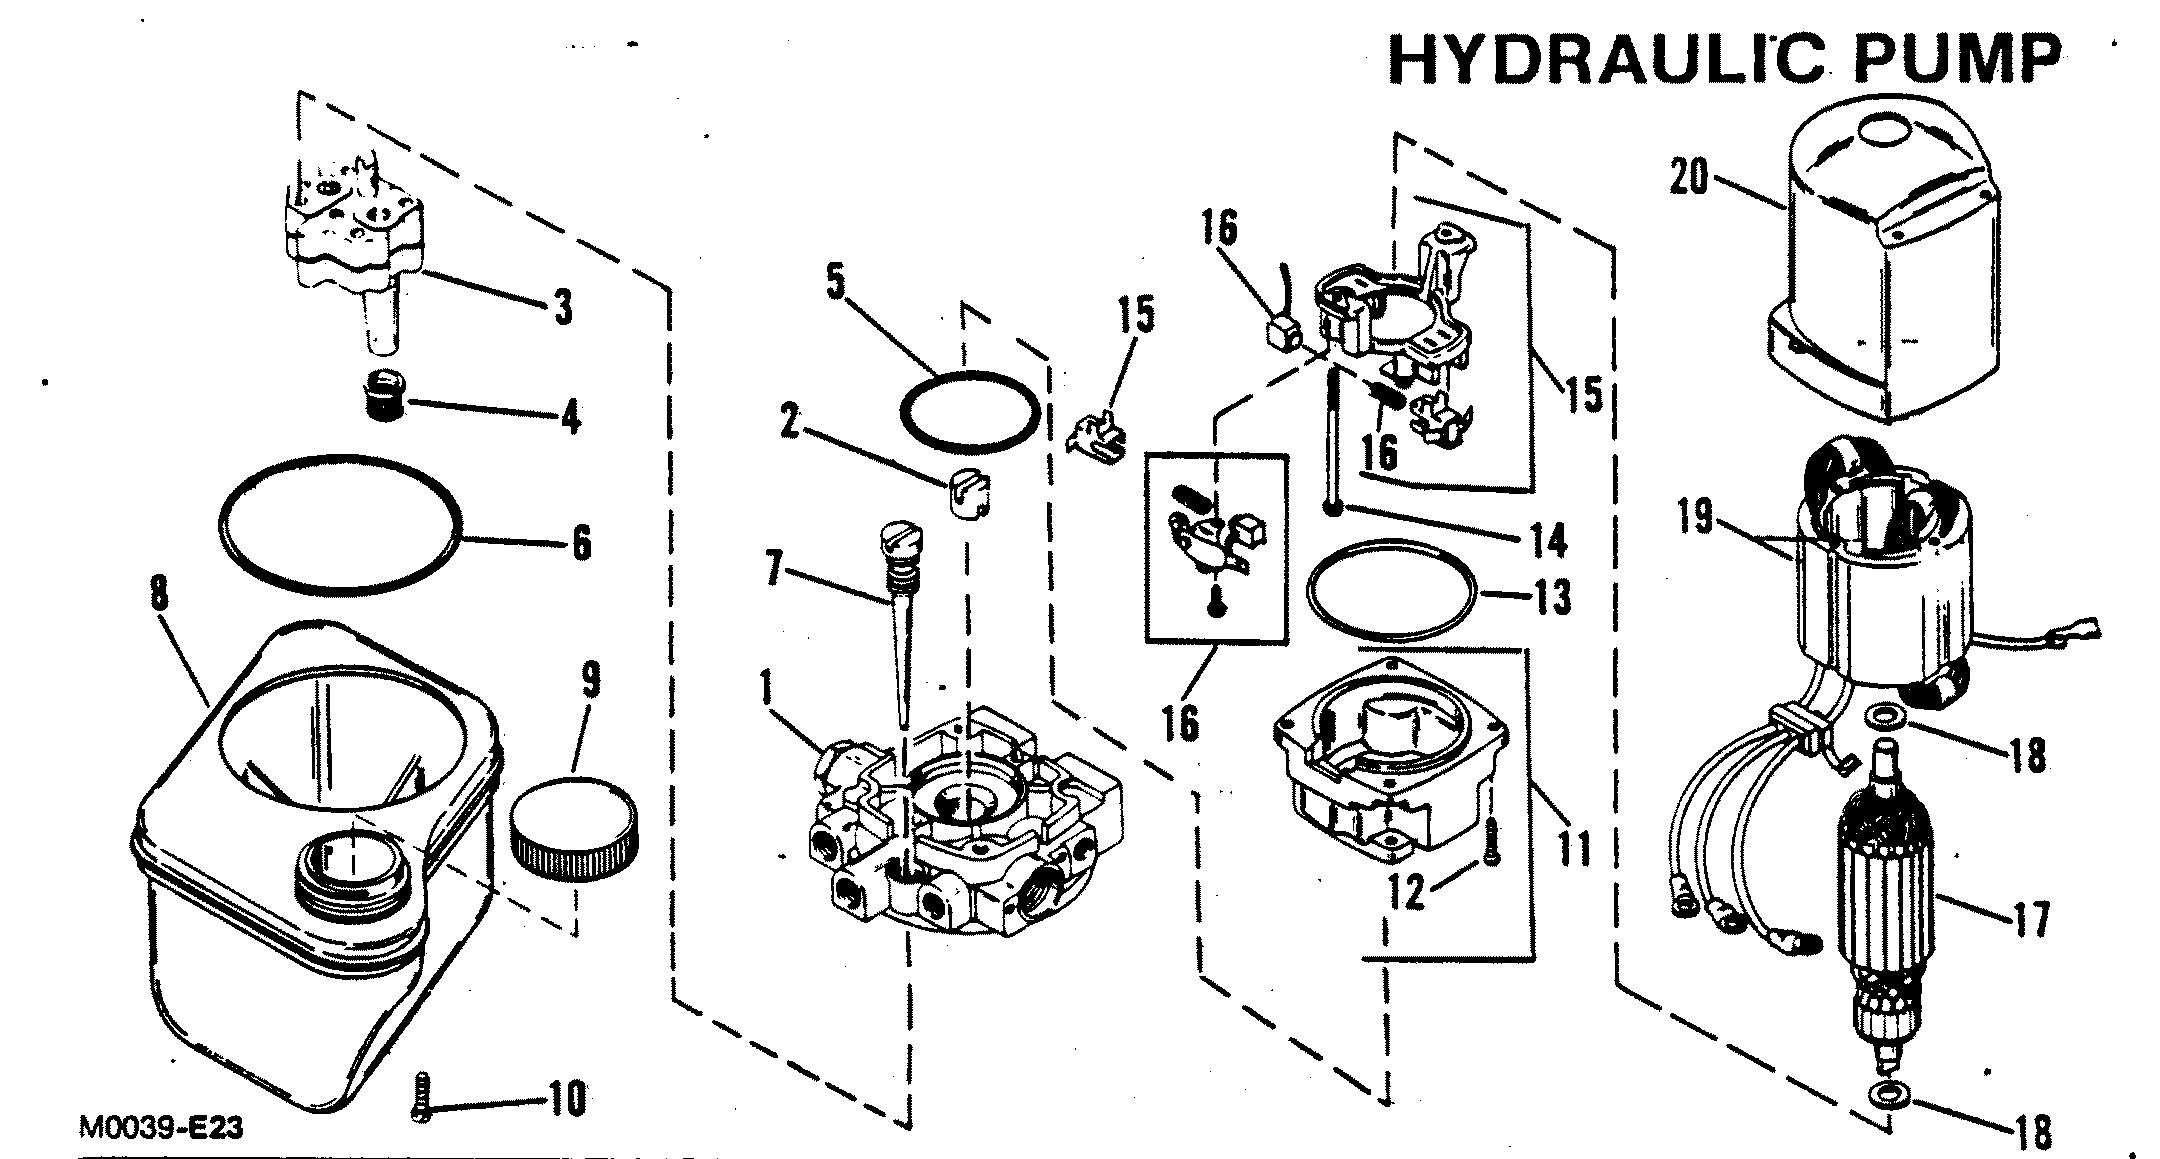 HYDRAULIC PUMP OILDYNE PUMP PLASTIC RESERVOIR FOR